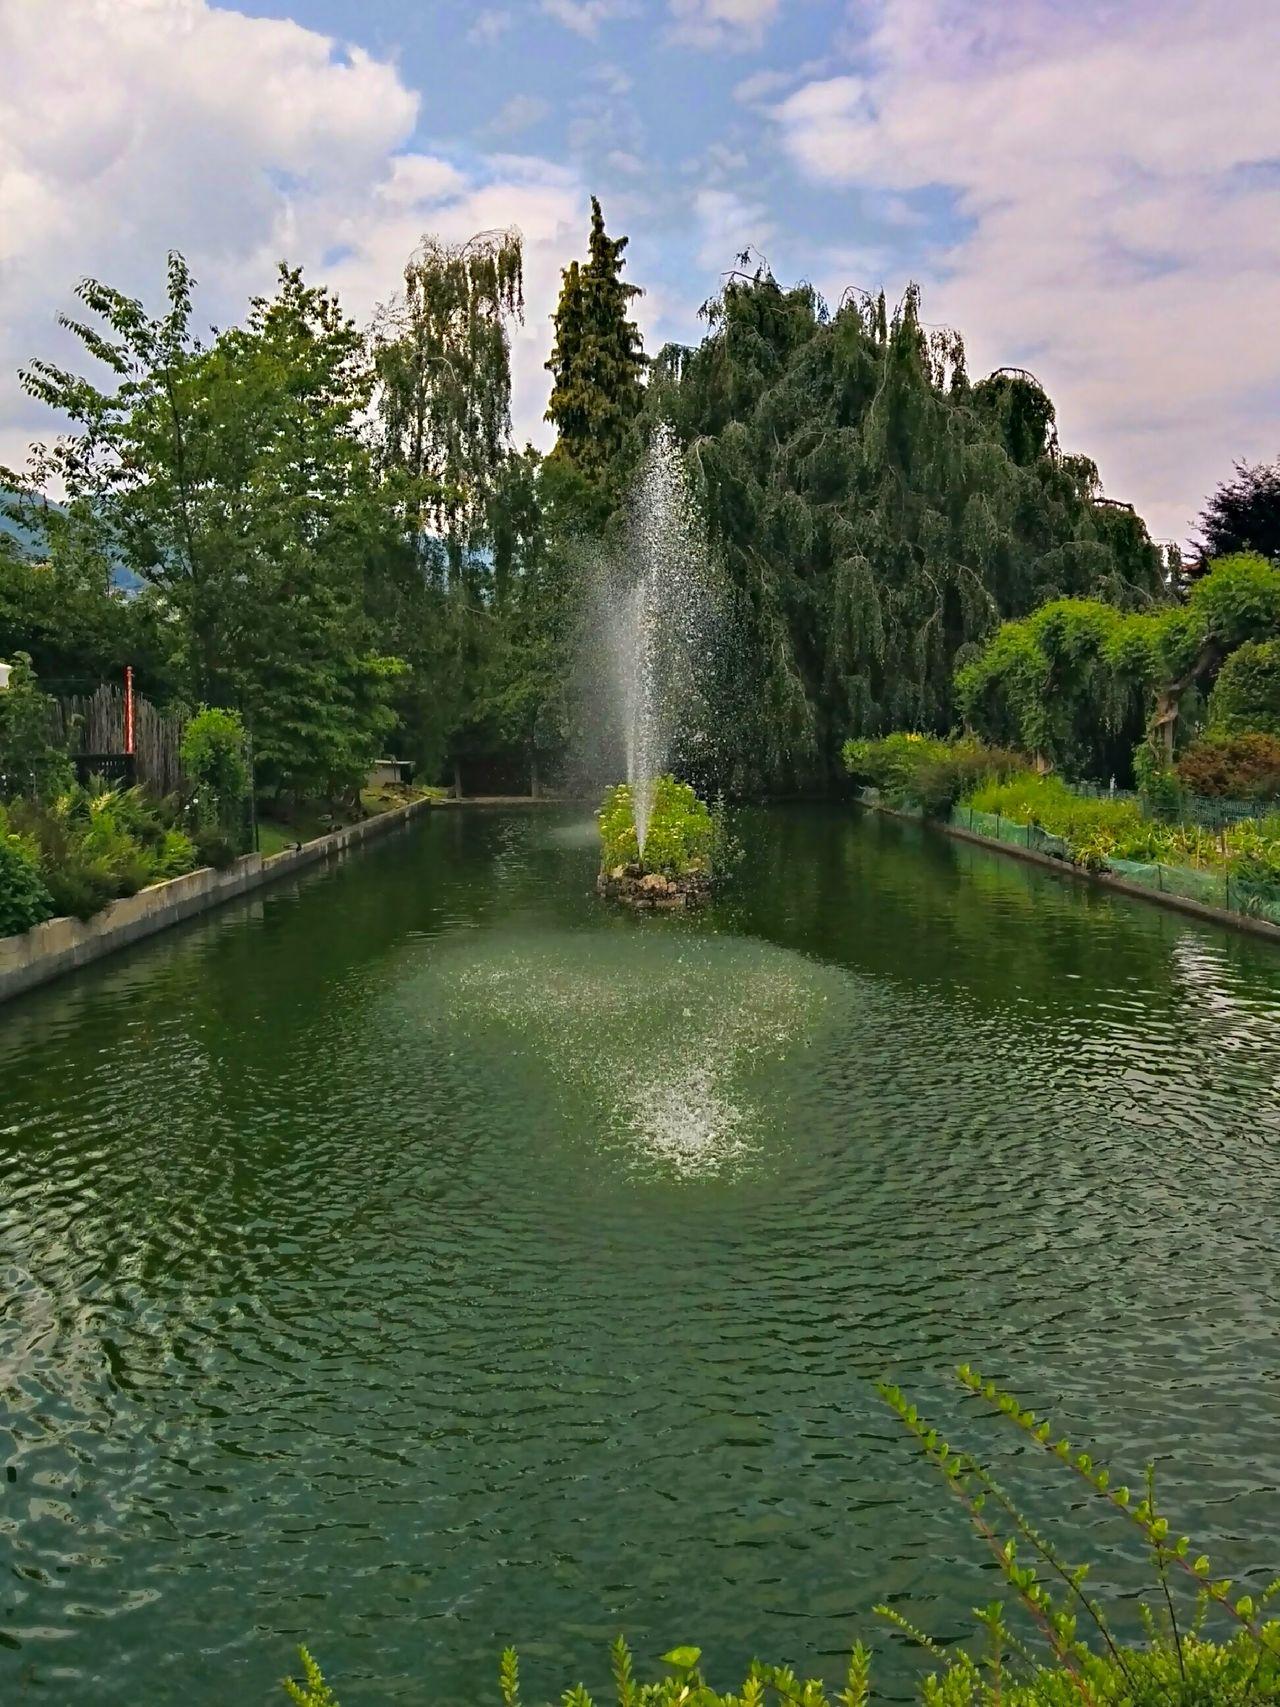 Water Reflections Villa Pallavicino Italy